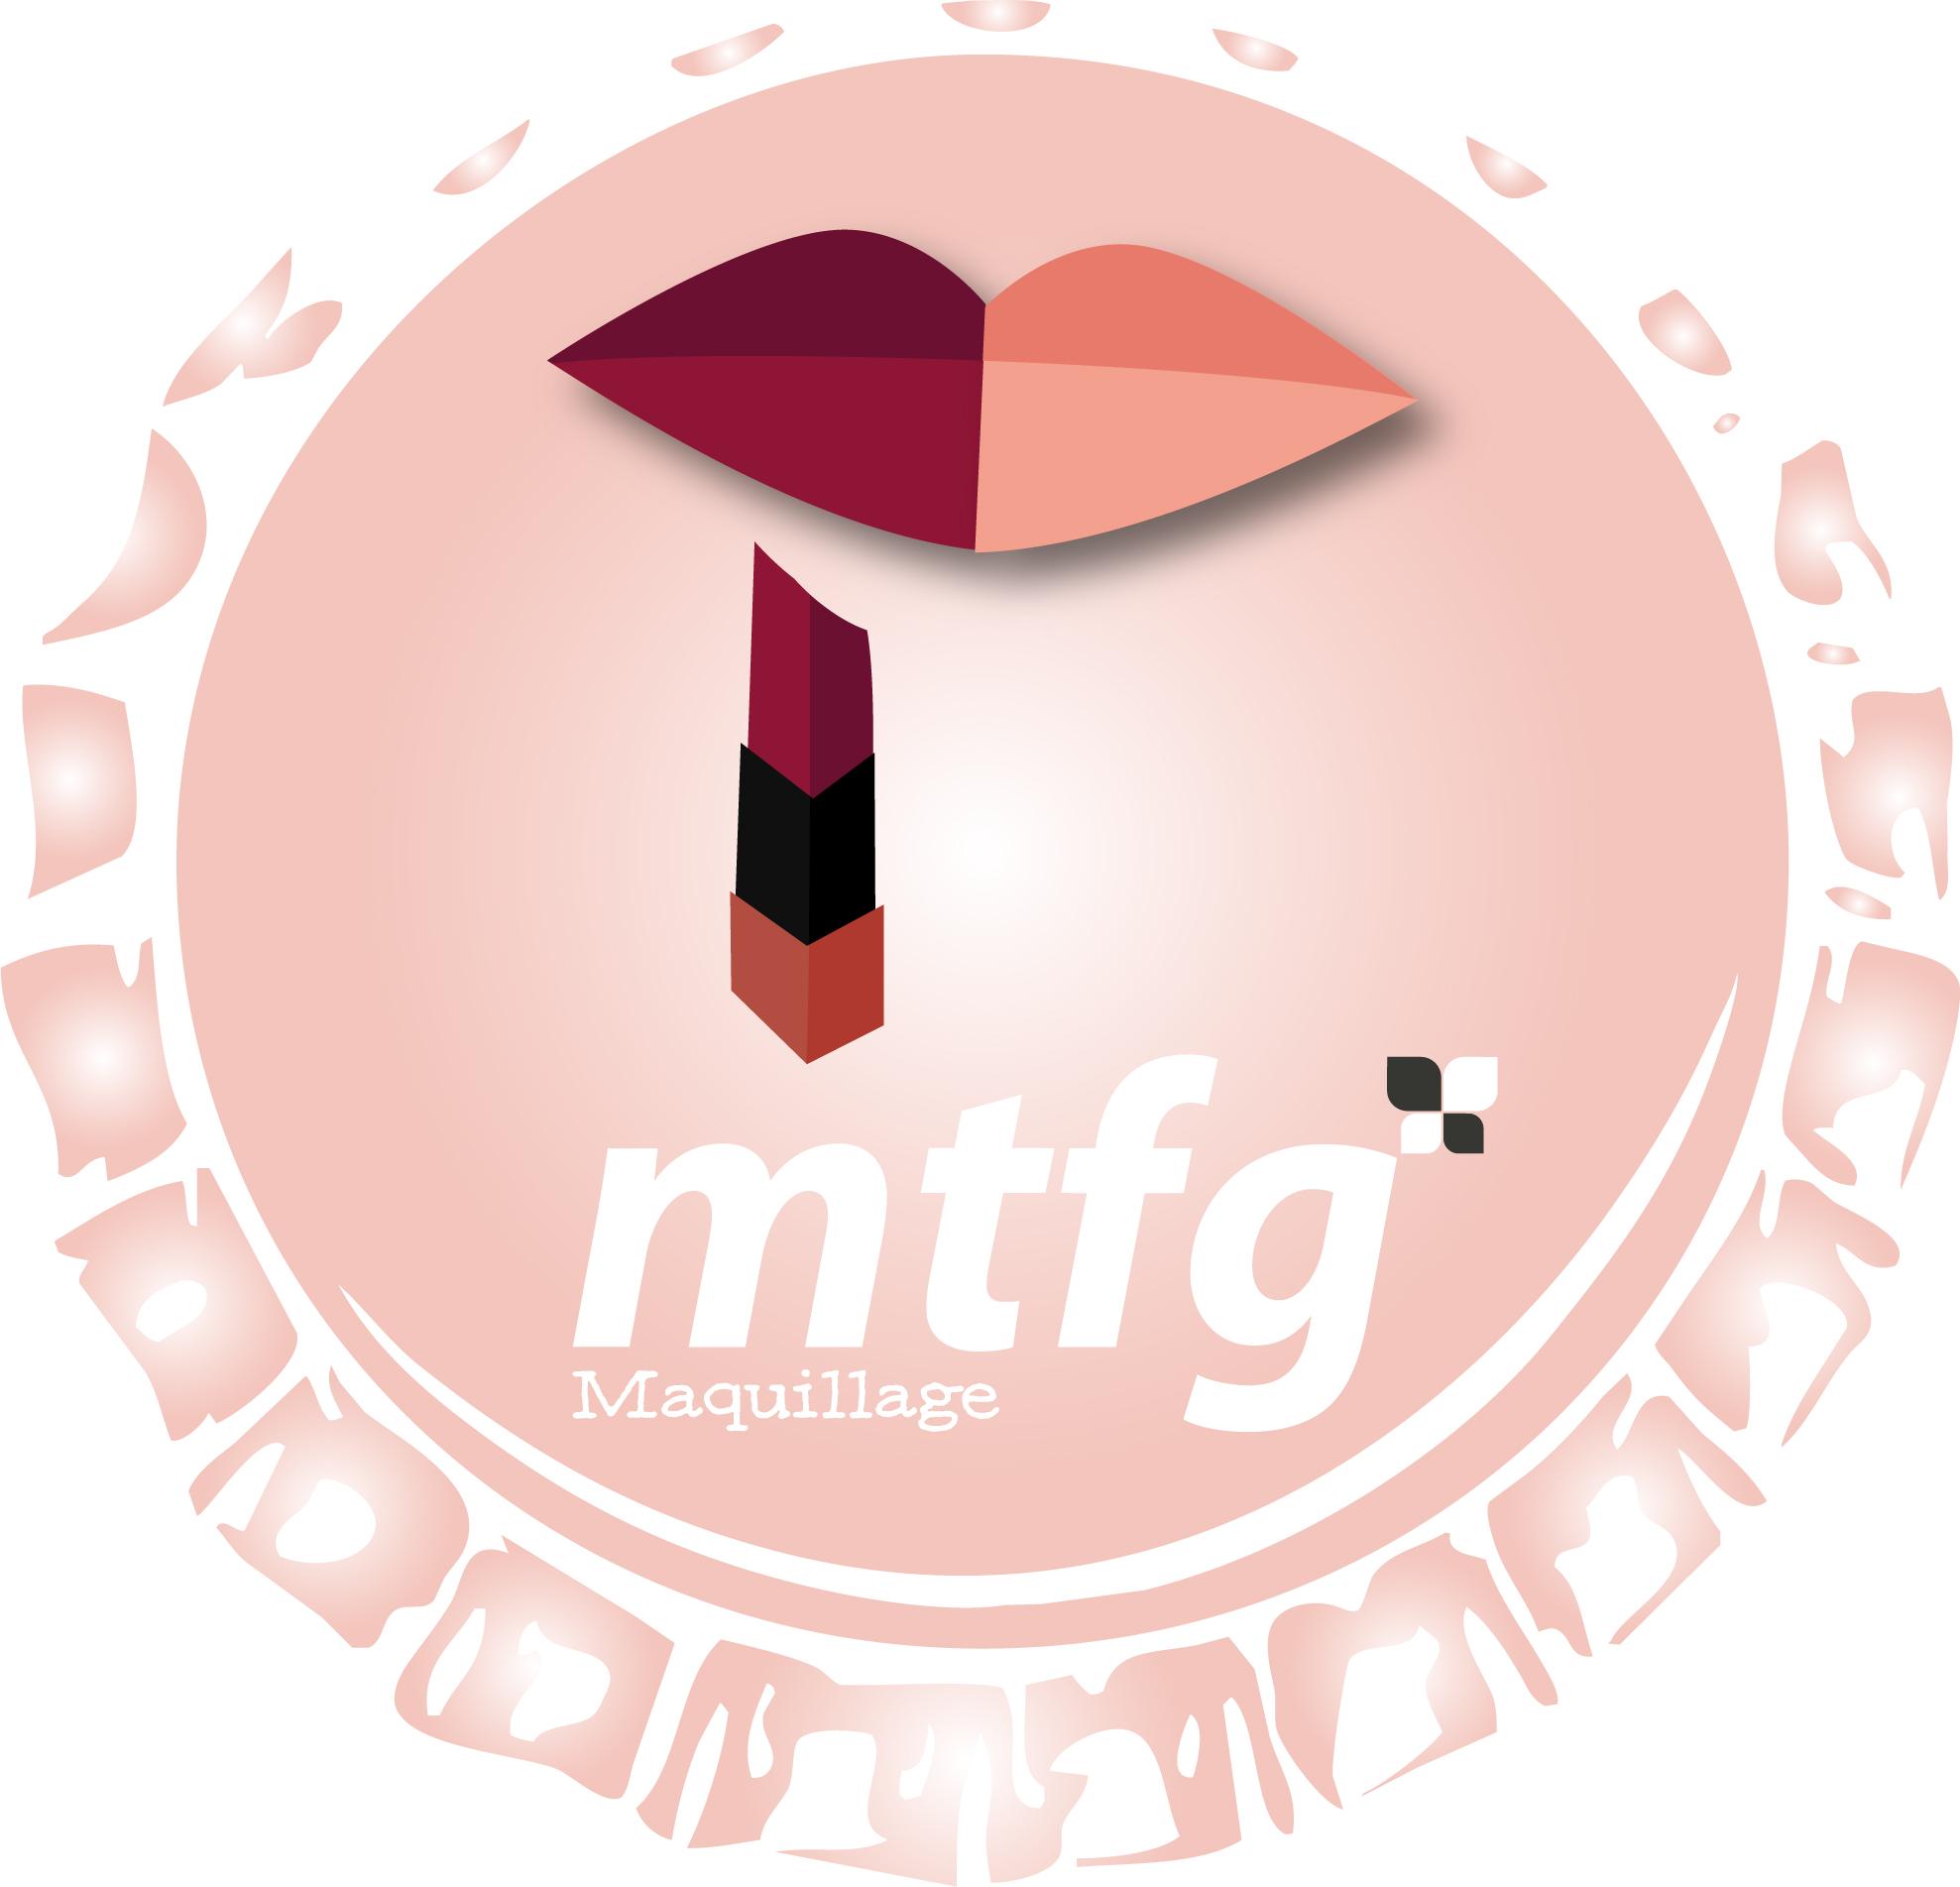 MTFG Maquillage